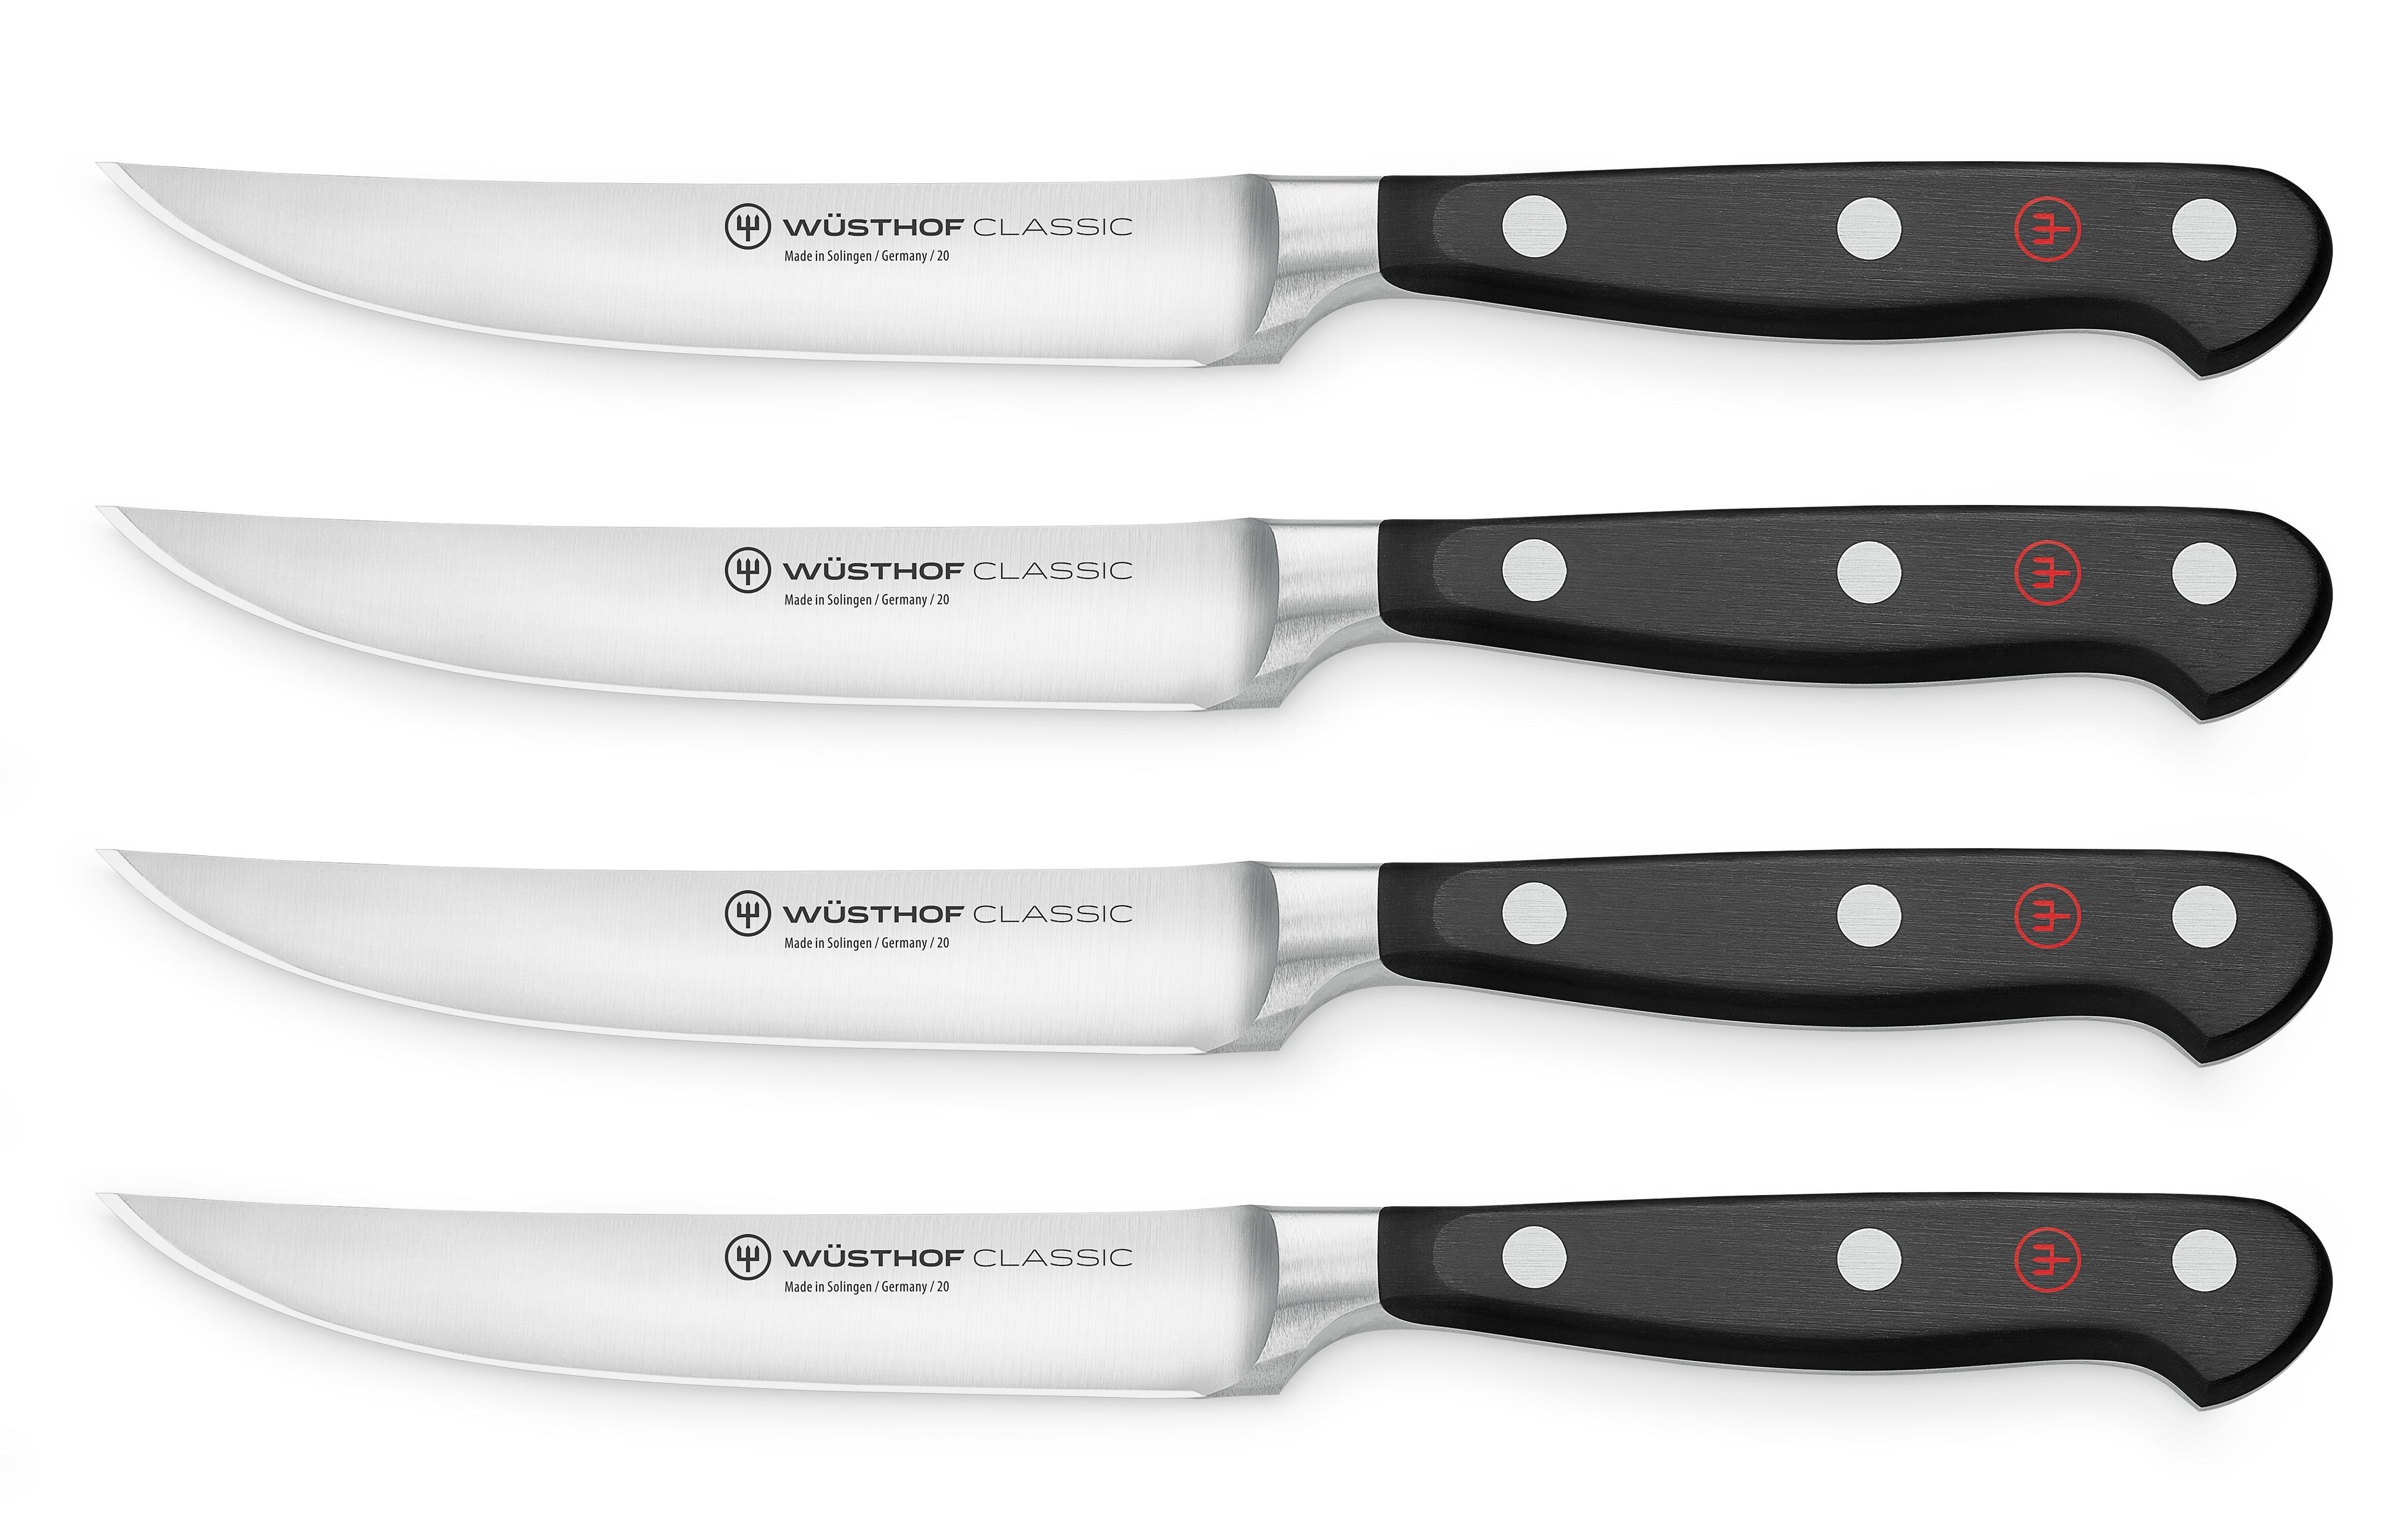 Steakmesser Set mit 4 Messern / Steak knife set with 4 knives